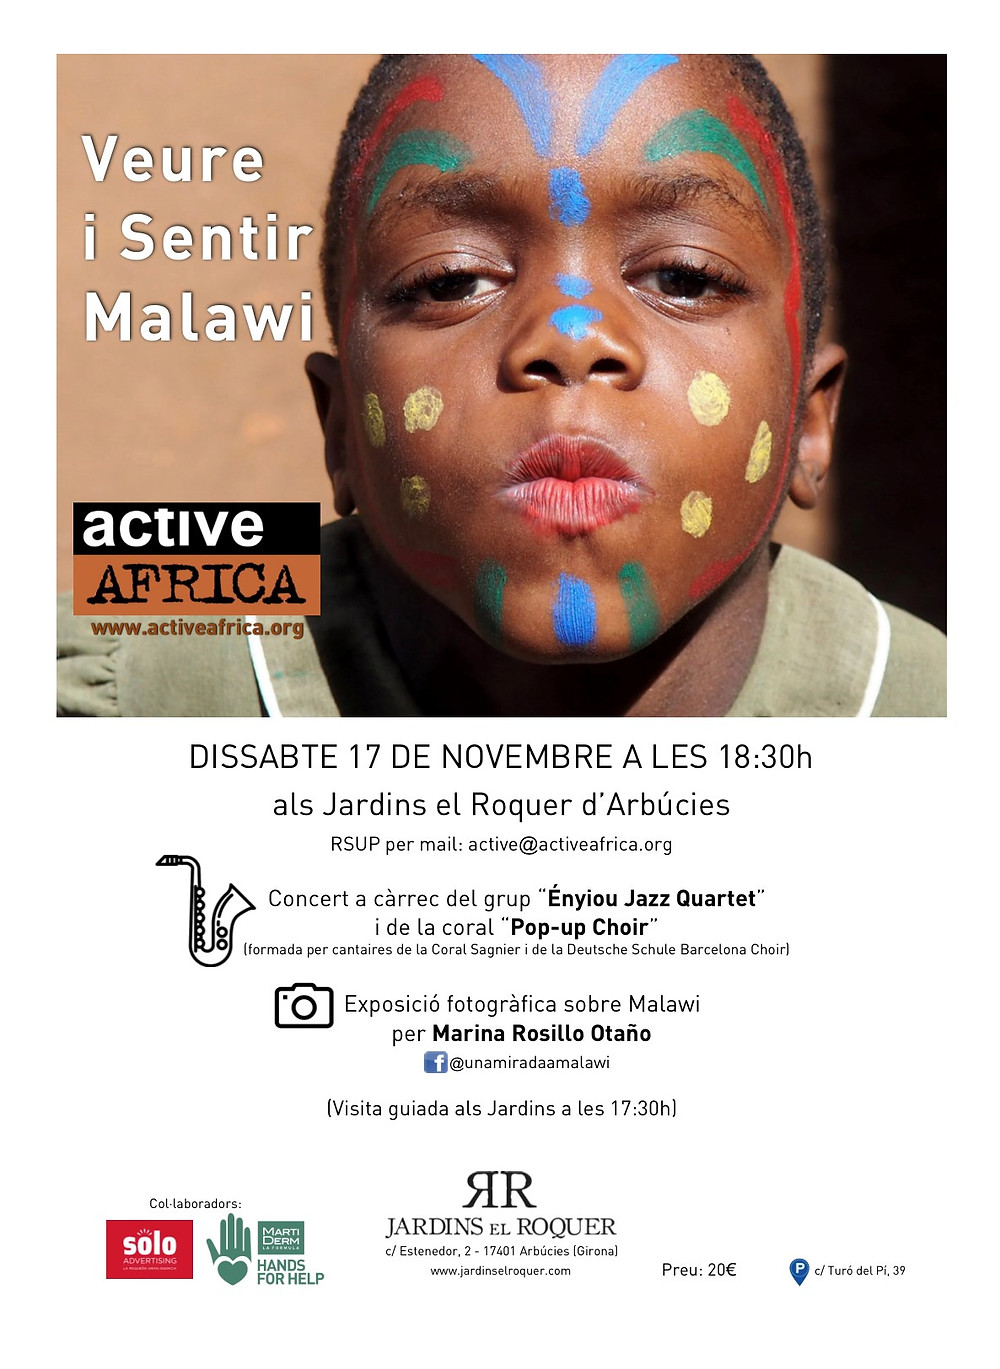 Os invitamos al Concierto que estamos organizando para este próximo sábado en Jardins el Roquer, Arbúcies.